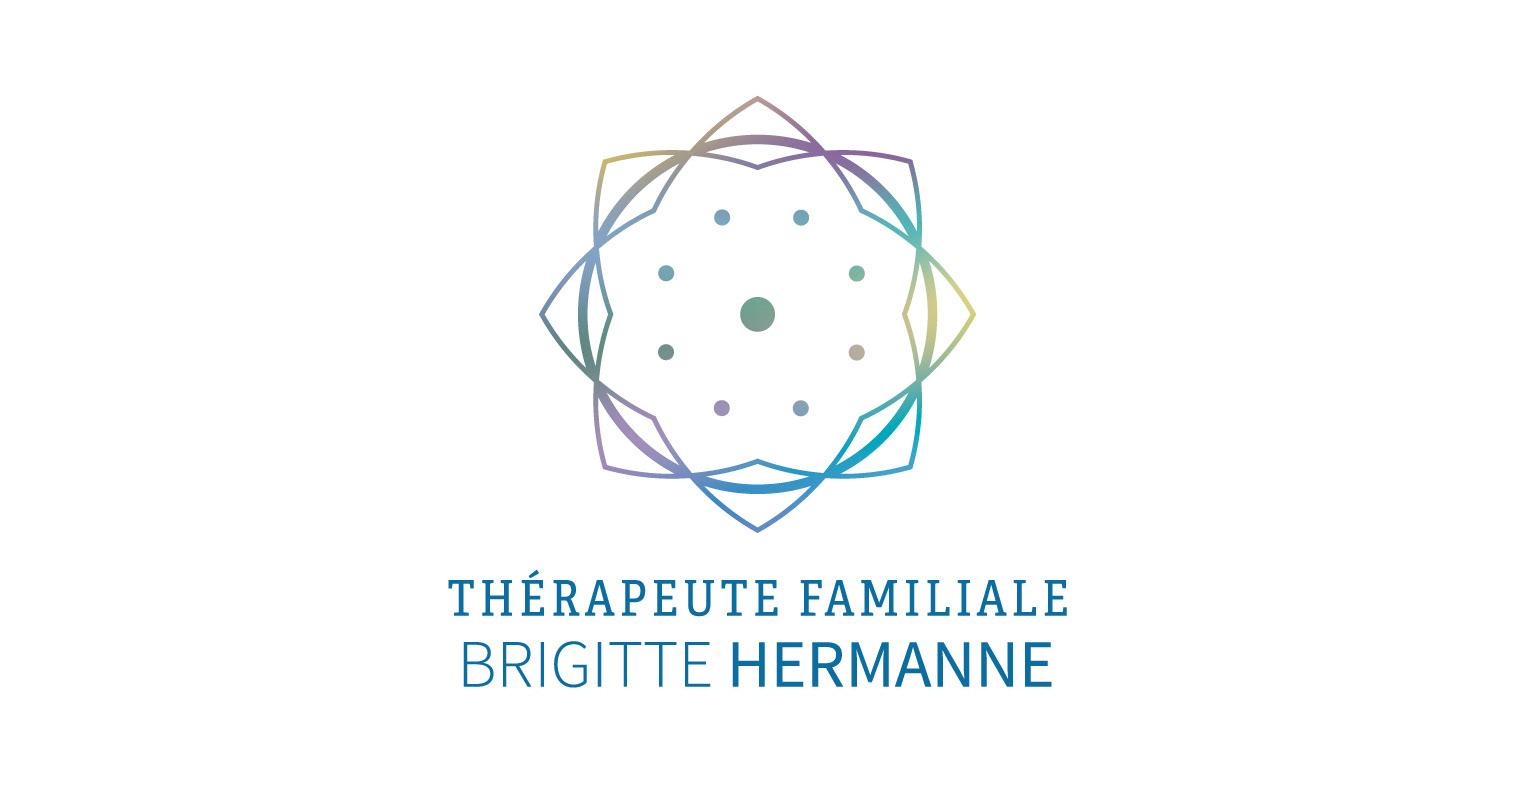 Creation De Logo Et Carte Visite Pour Brigitte Hermanne Therapeute Familiale